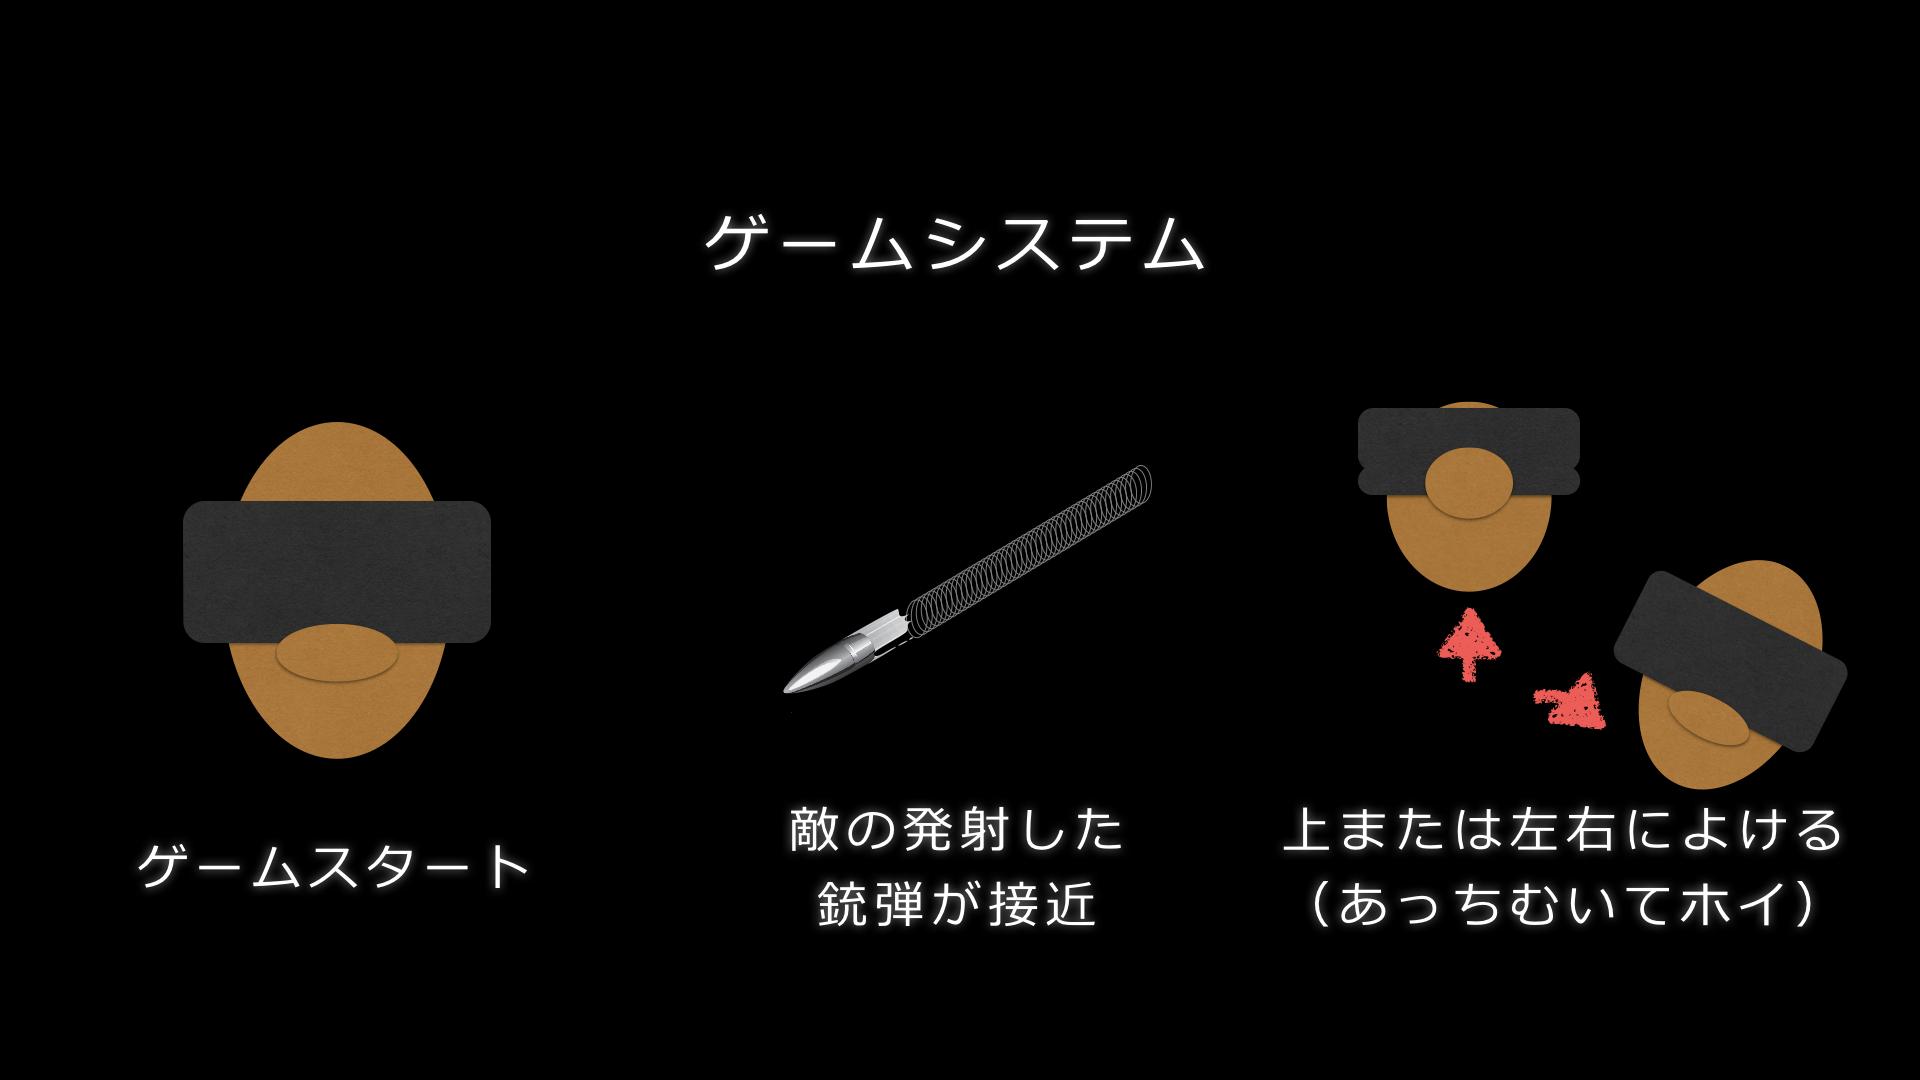 ゲームスタート→敵の発射した銃弾が接近→上または左右によける(あっちむいてホイ)